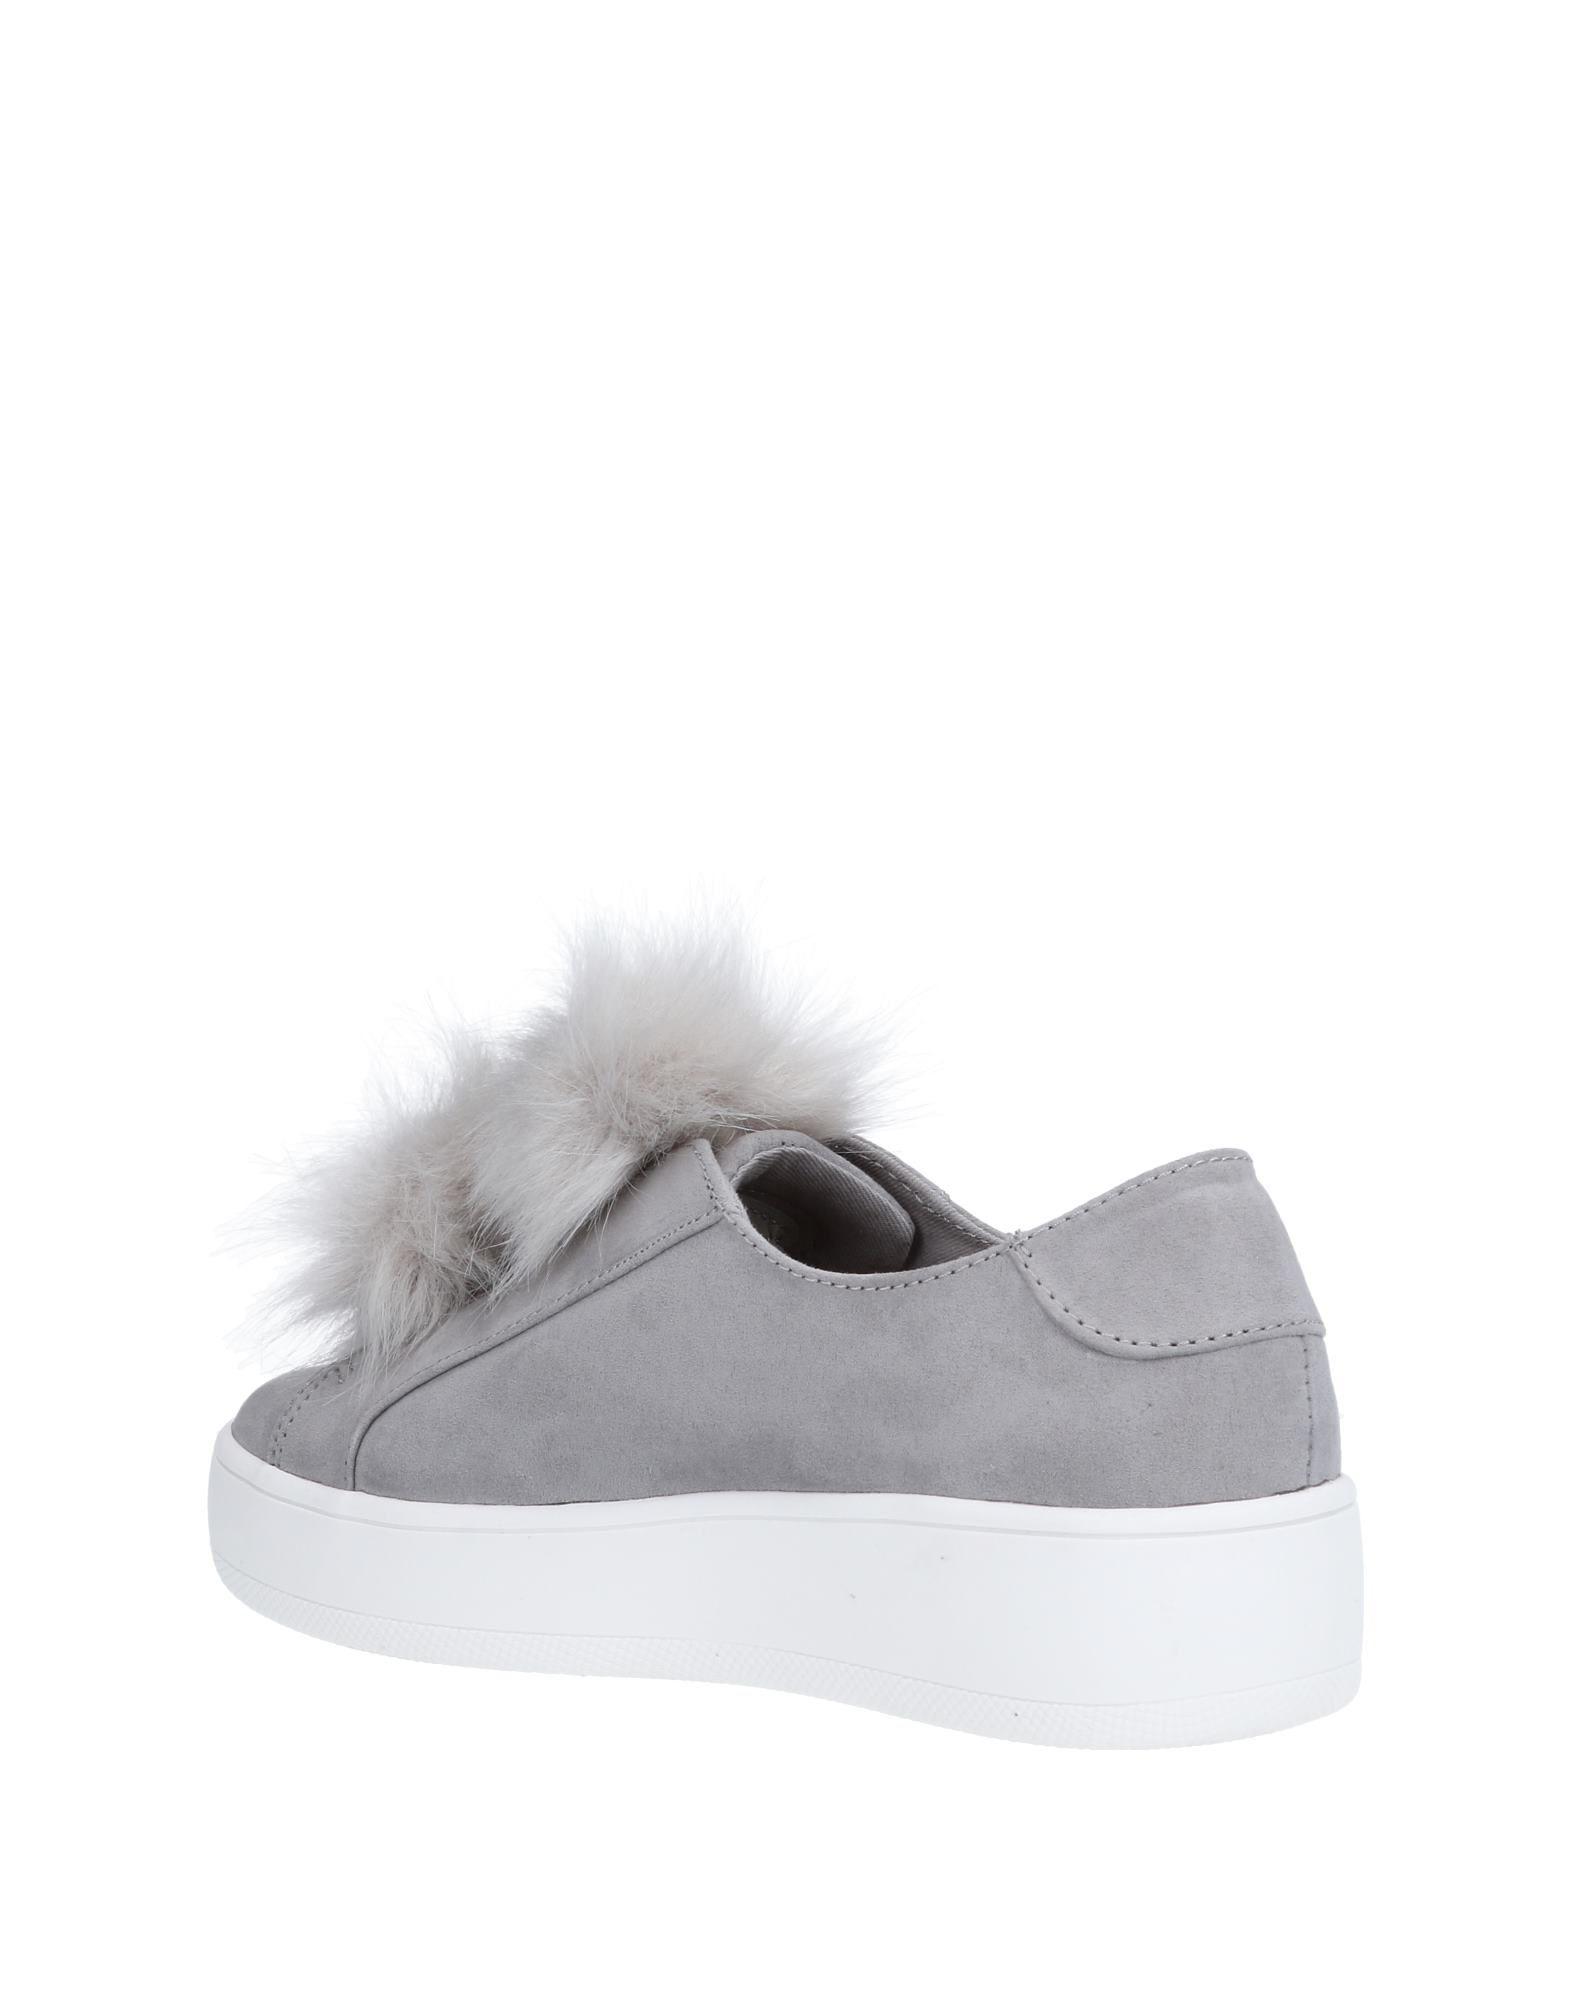 Steve Madden Sneakers Damen    11498068HP Neue Schuhe 0d48c1